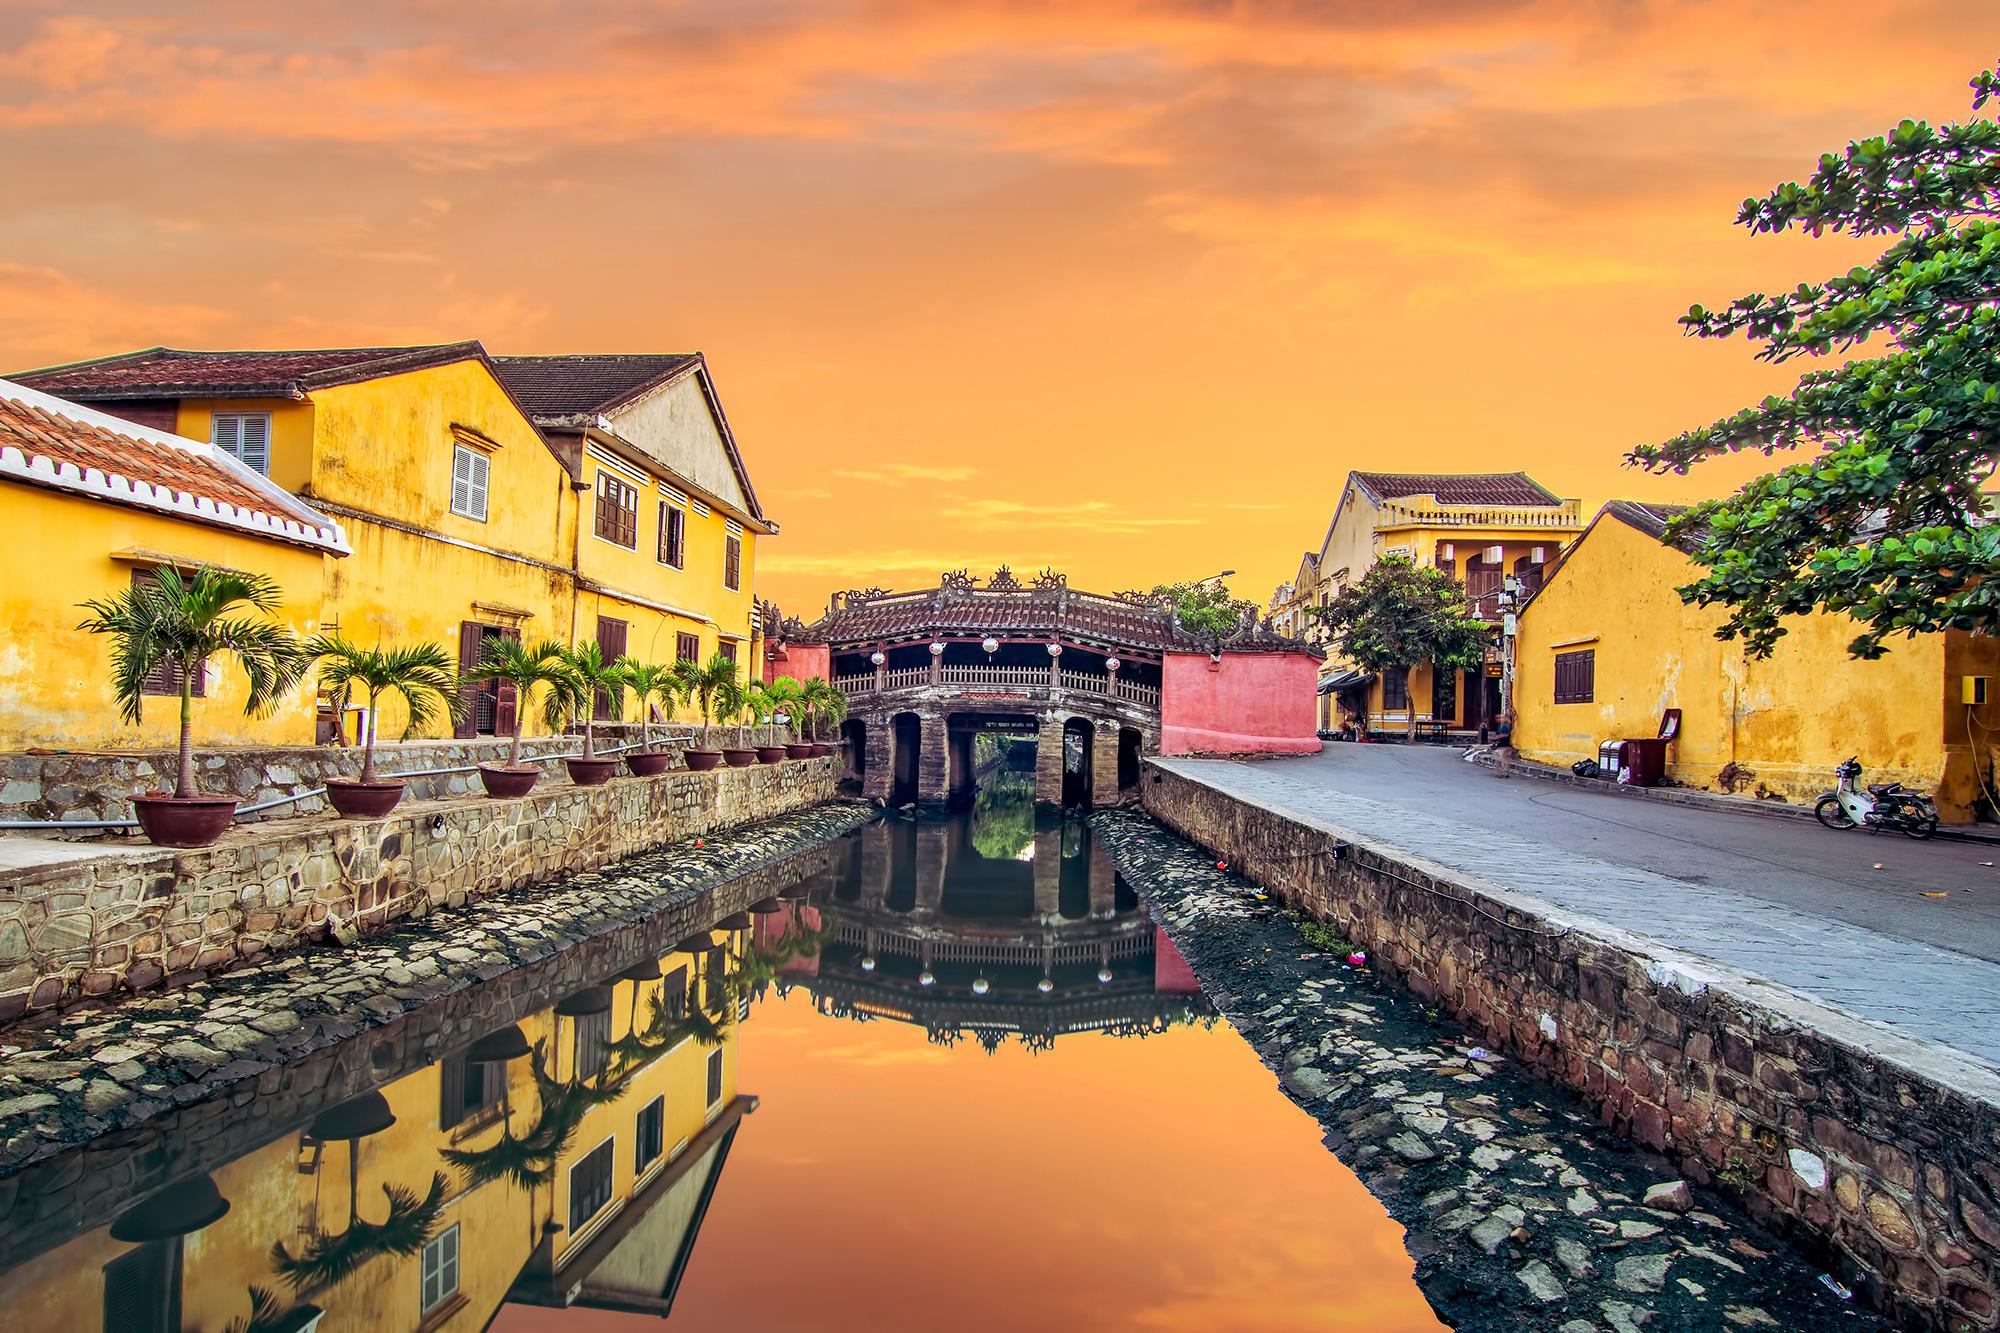 BĐS ven Hội An thắng thế nhờ dòng sản phẩm mới Shantira Beach Resort & Spa - Ảnh 3.